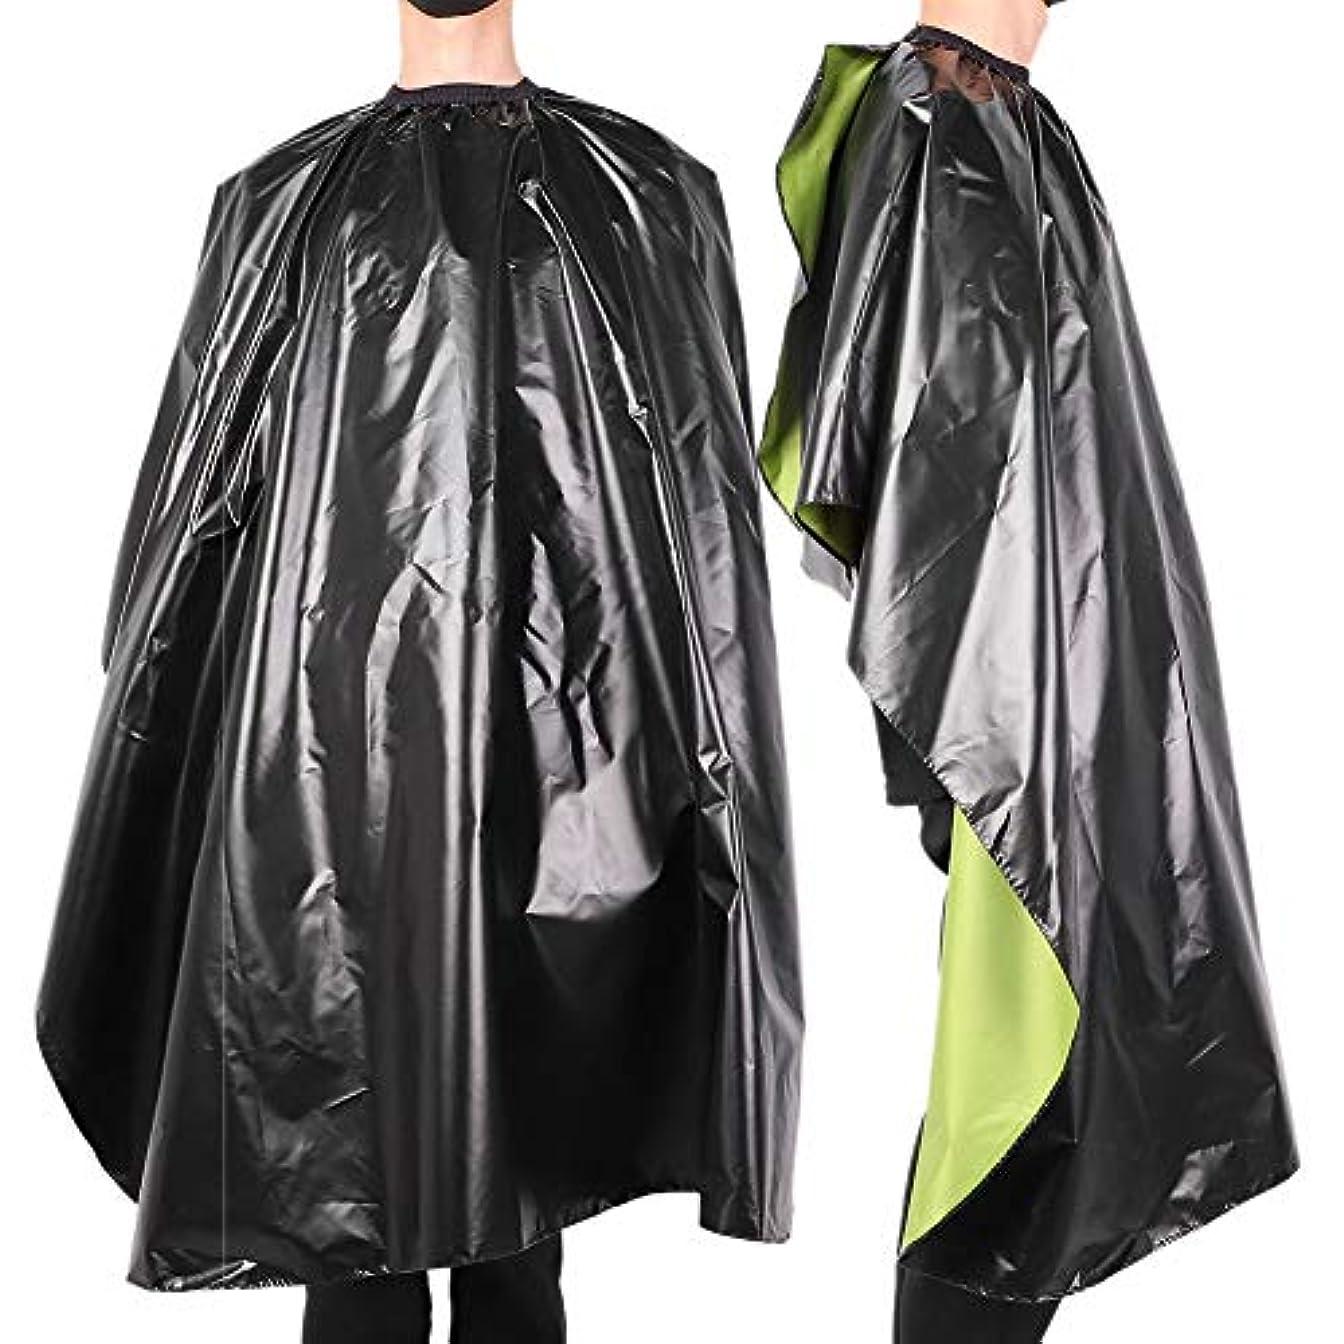 打ち上げる通貨パステル防水 調整可能 サロン 散髪 ヘアスタイリングケープ-ガ ウン大人の理髪理髪師 ラップエプロン